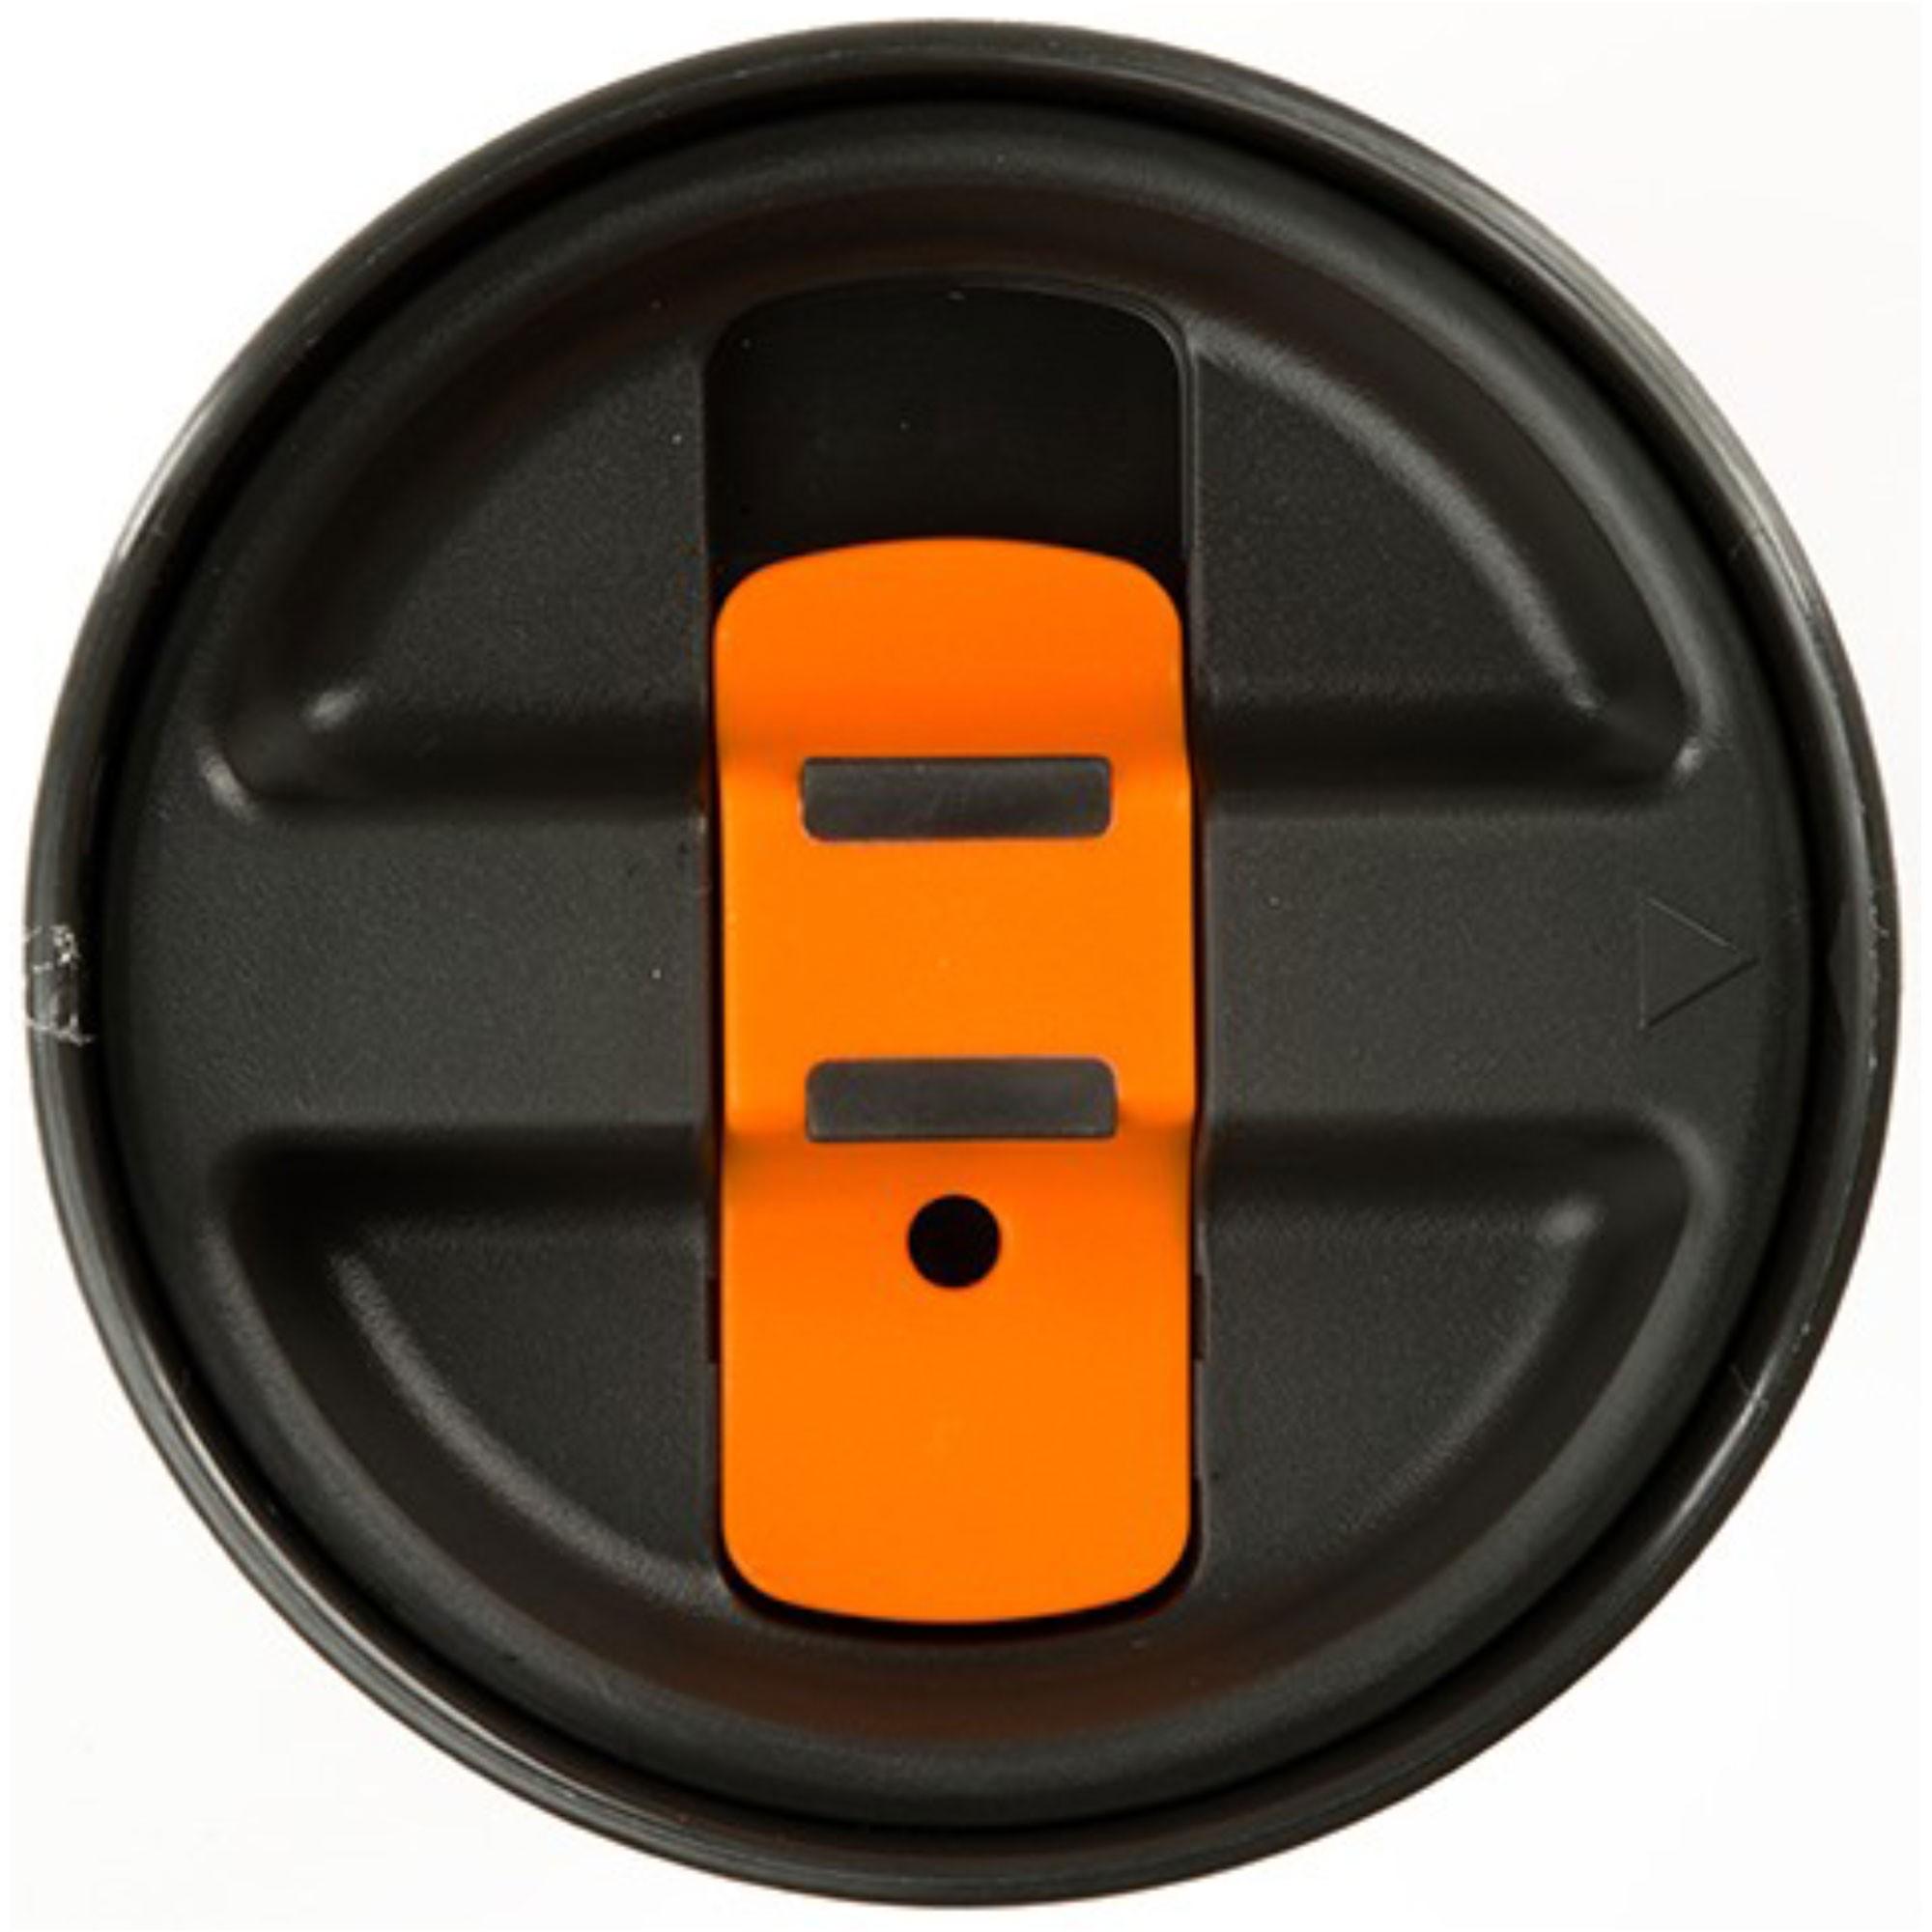 GSI-Glacier-Stainless-commuter-mug-orange-lid-67313_1_t-S16.jp